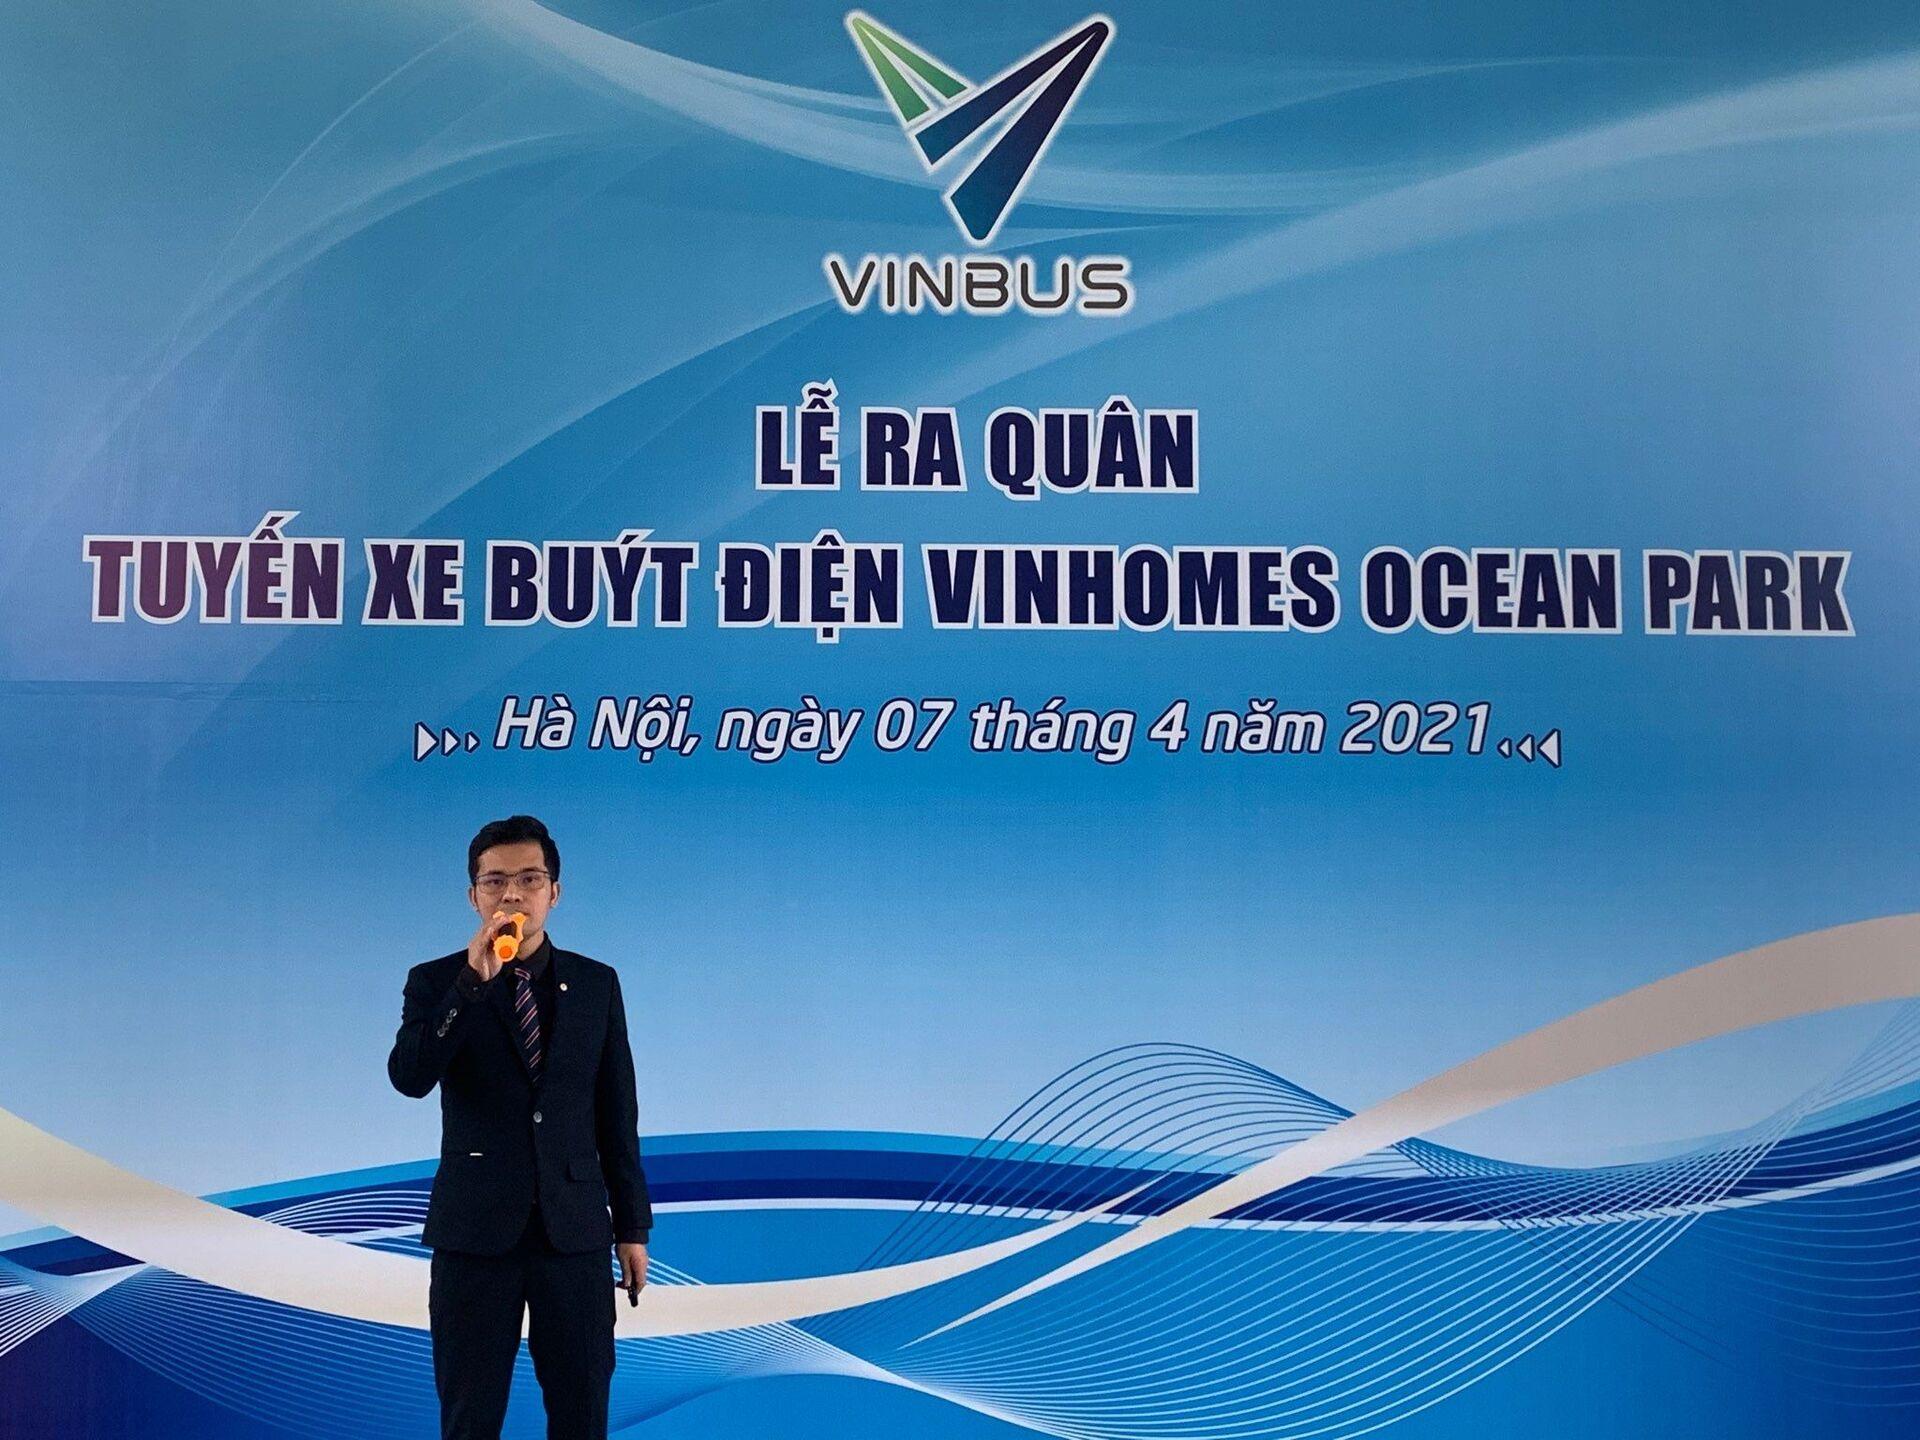 Vinbus lăn bánh - khởi đầu cho cách mạng xe bus điện tại Việt Nam - Sputnik Việt Nam, 1920, 08.04.2021